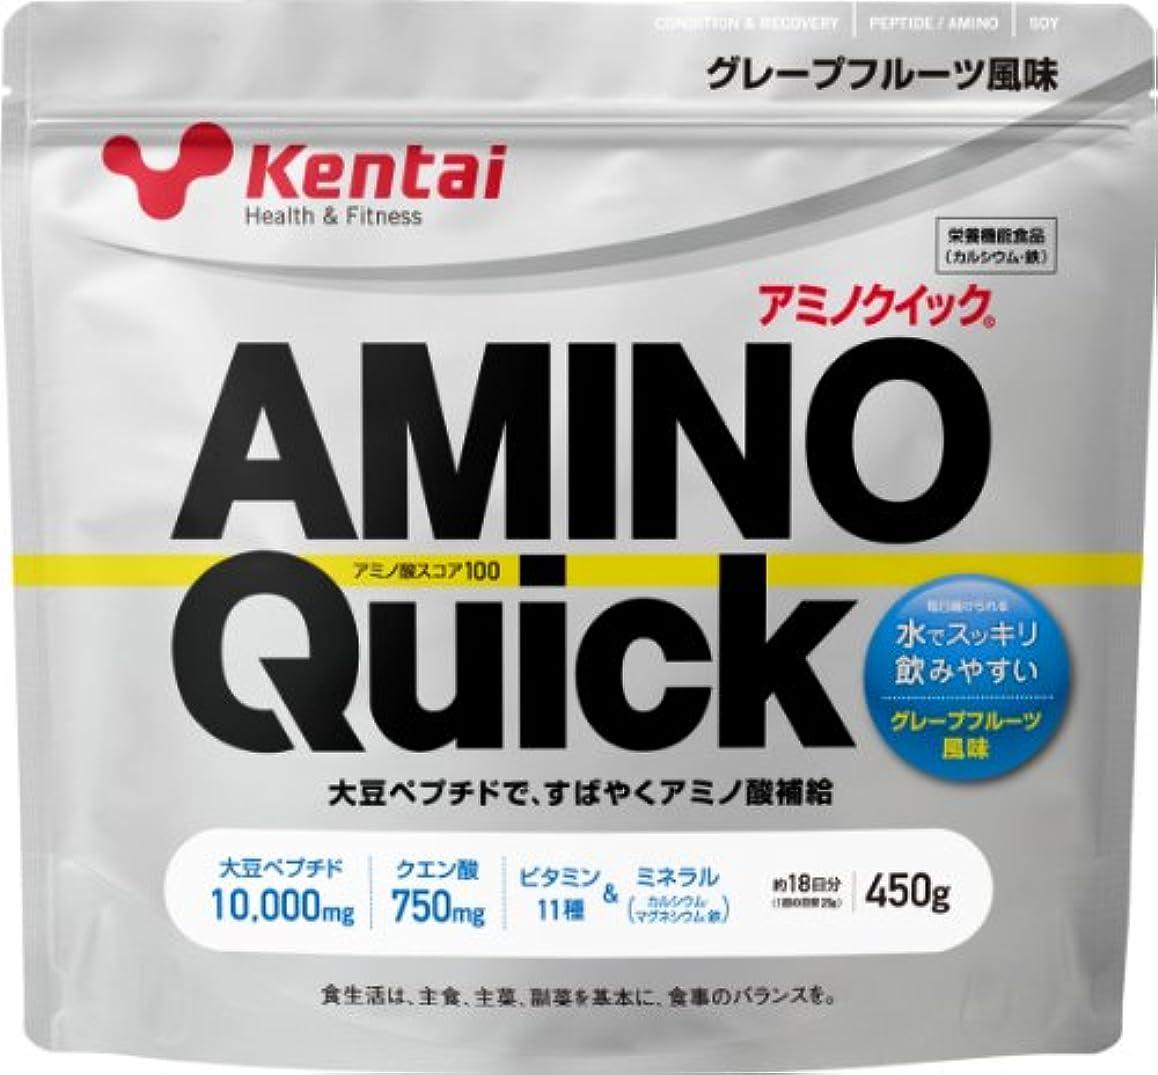 弾薬延ばす全滅させるKentai アミノクイック グレープフルーツ 450g